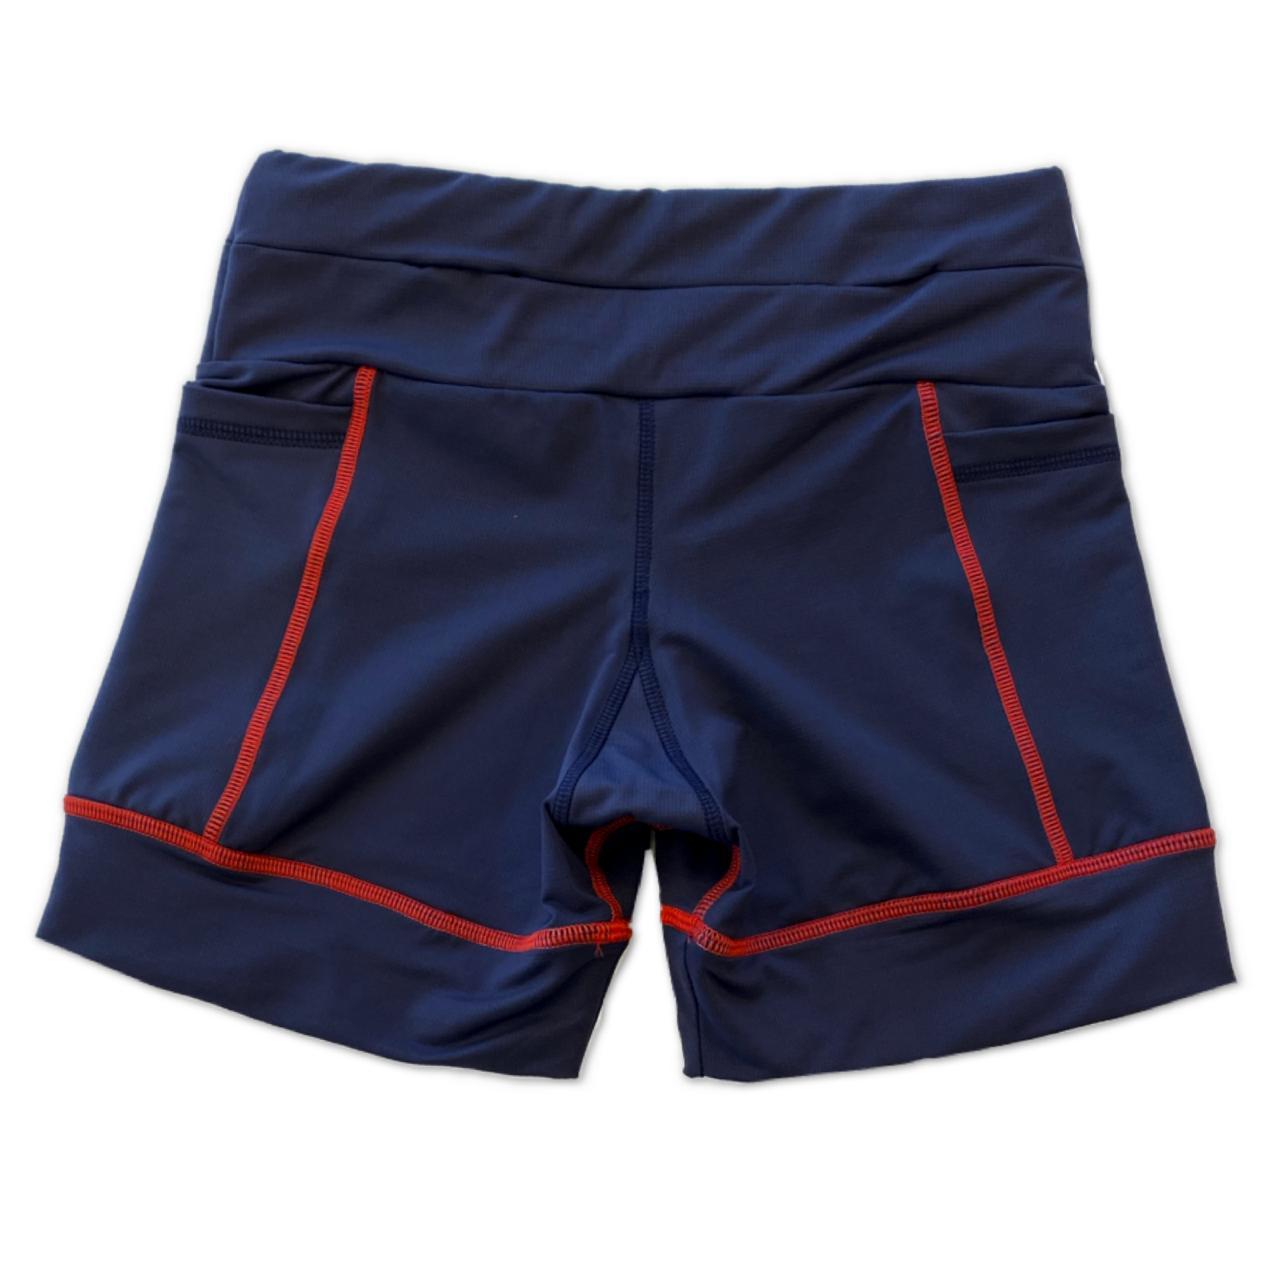 Shorts Multibolsos marinho com costura vermelha em compress  - Vivian Bógus